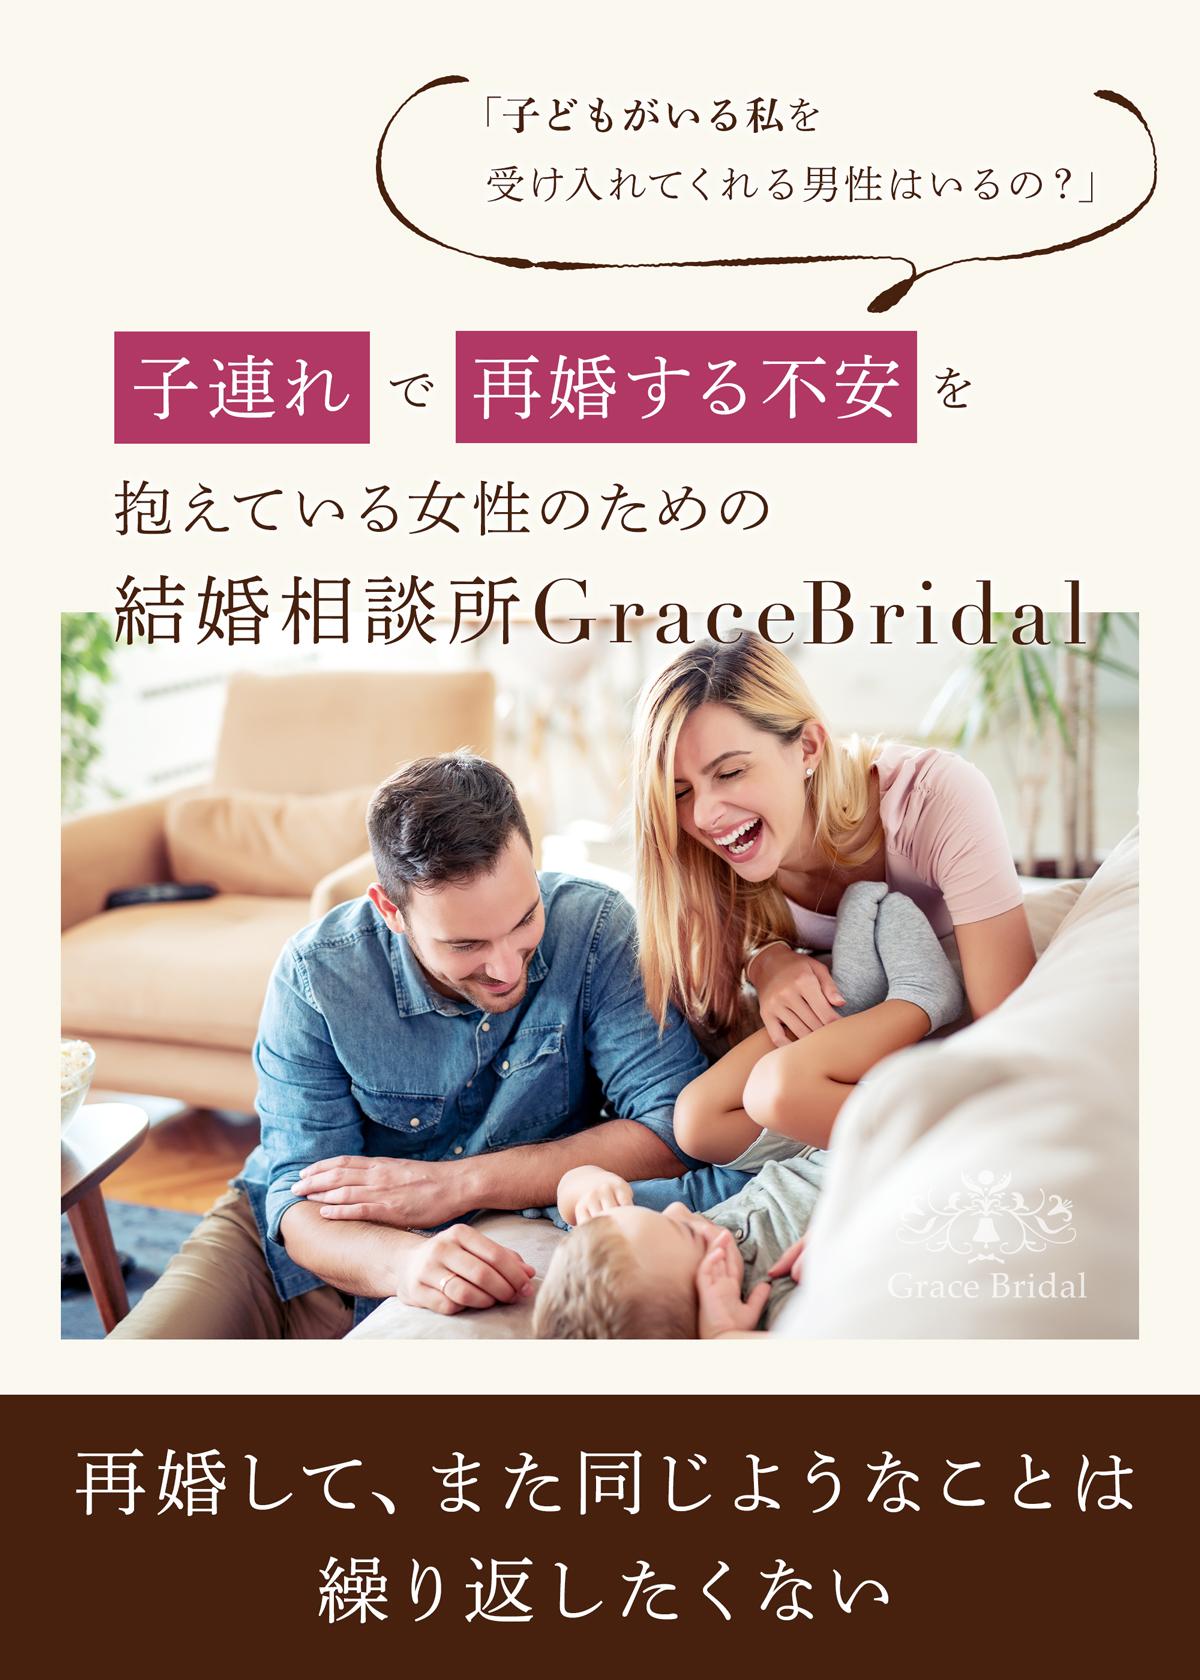 安心してパートナー探しができる結婚相談所 グレースブライダル GraceBridal